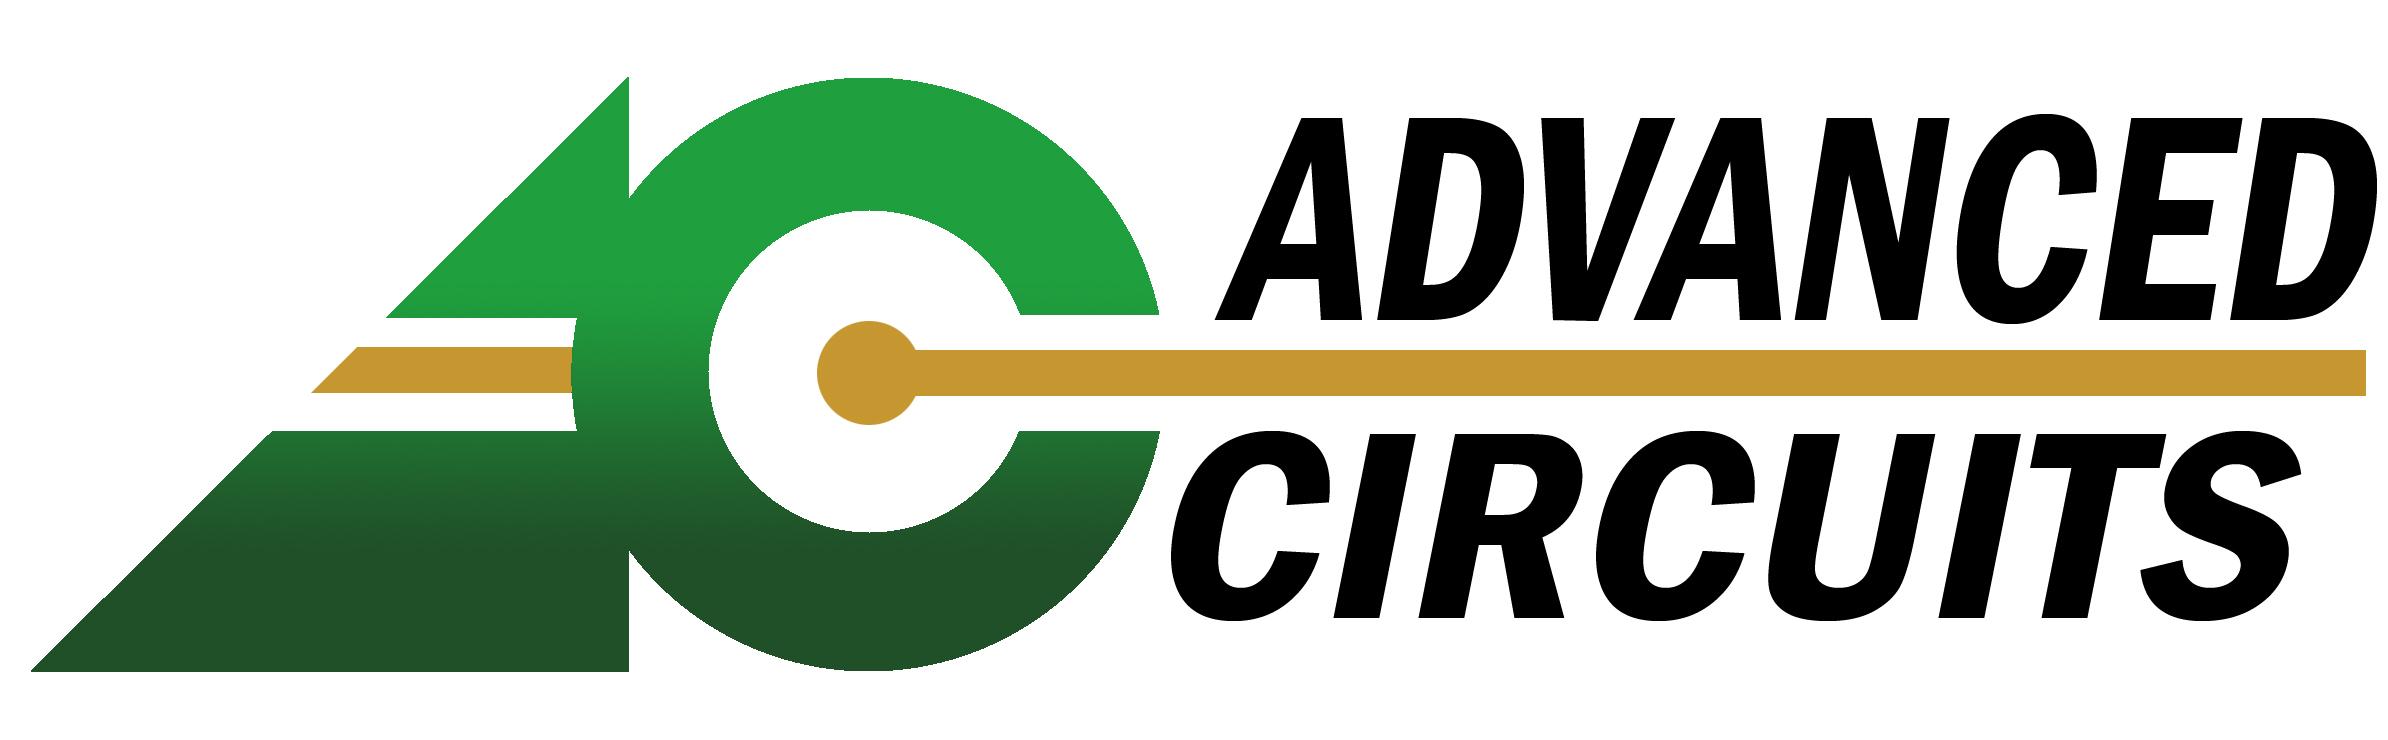 AdvancedCircuits.jpg